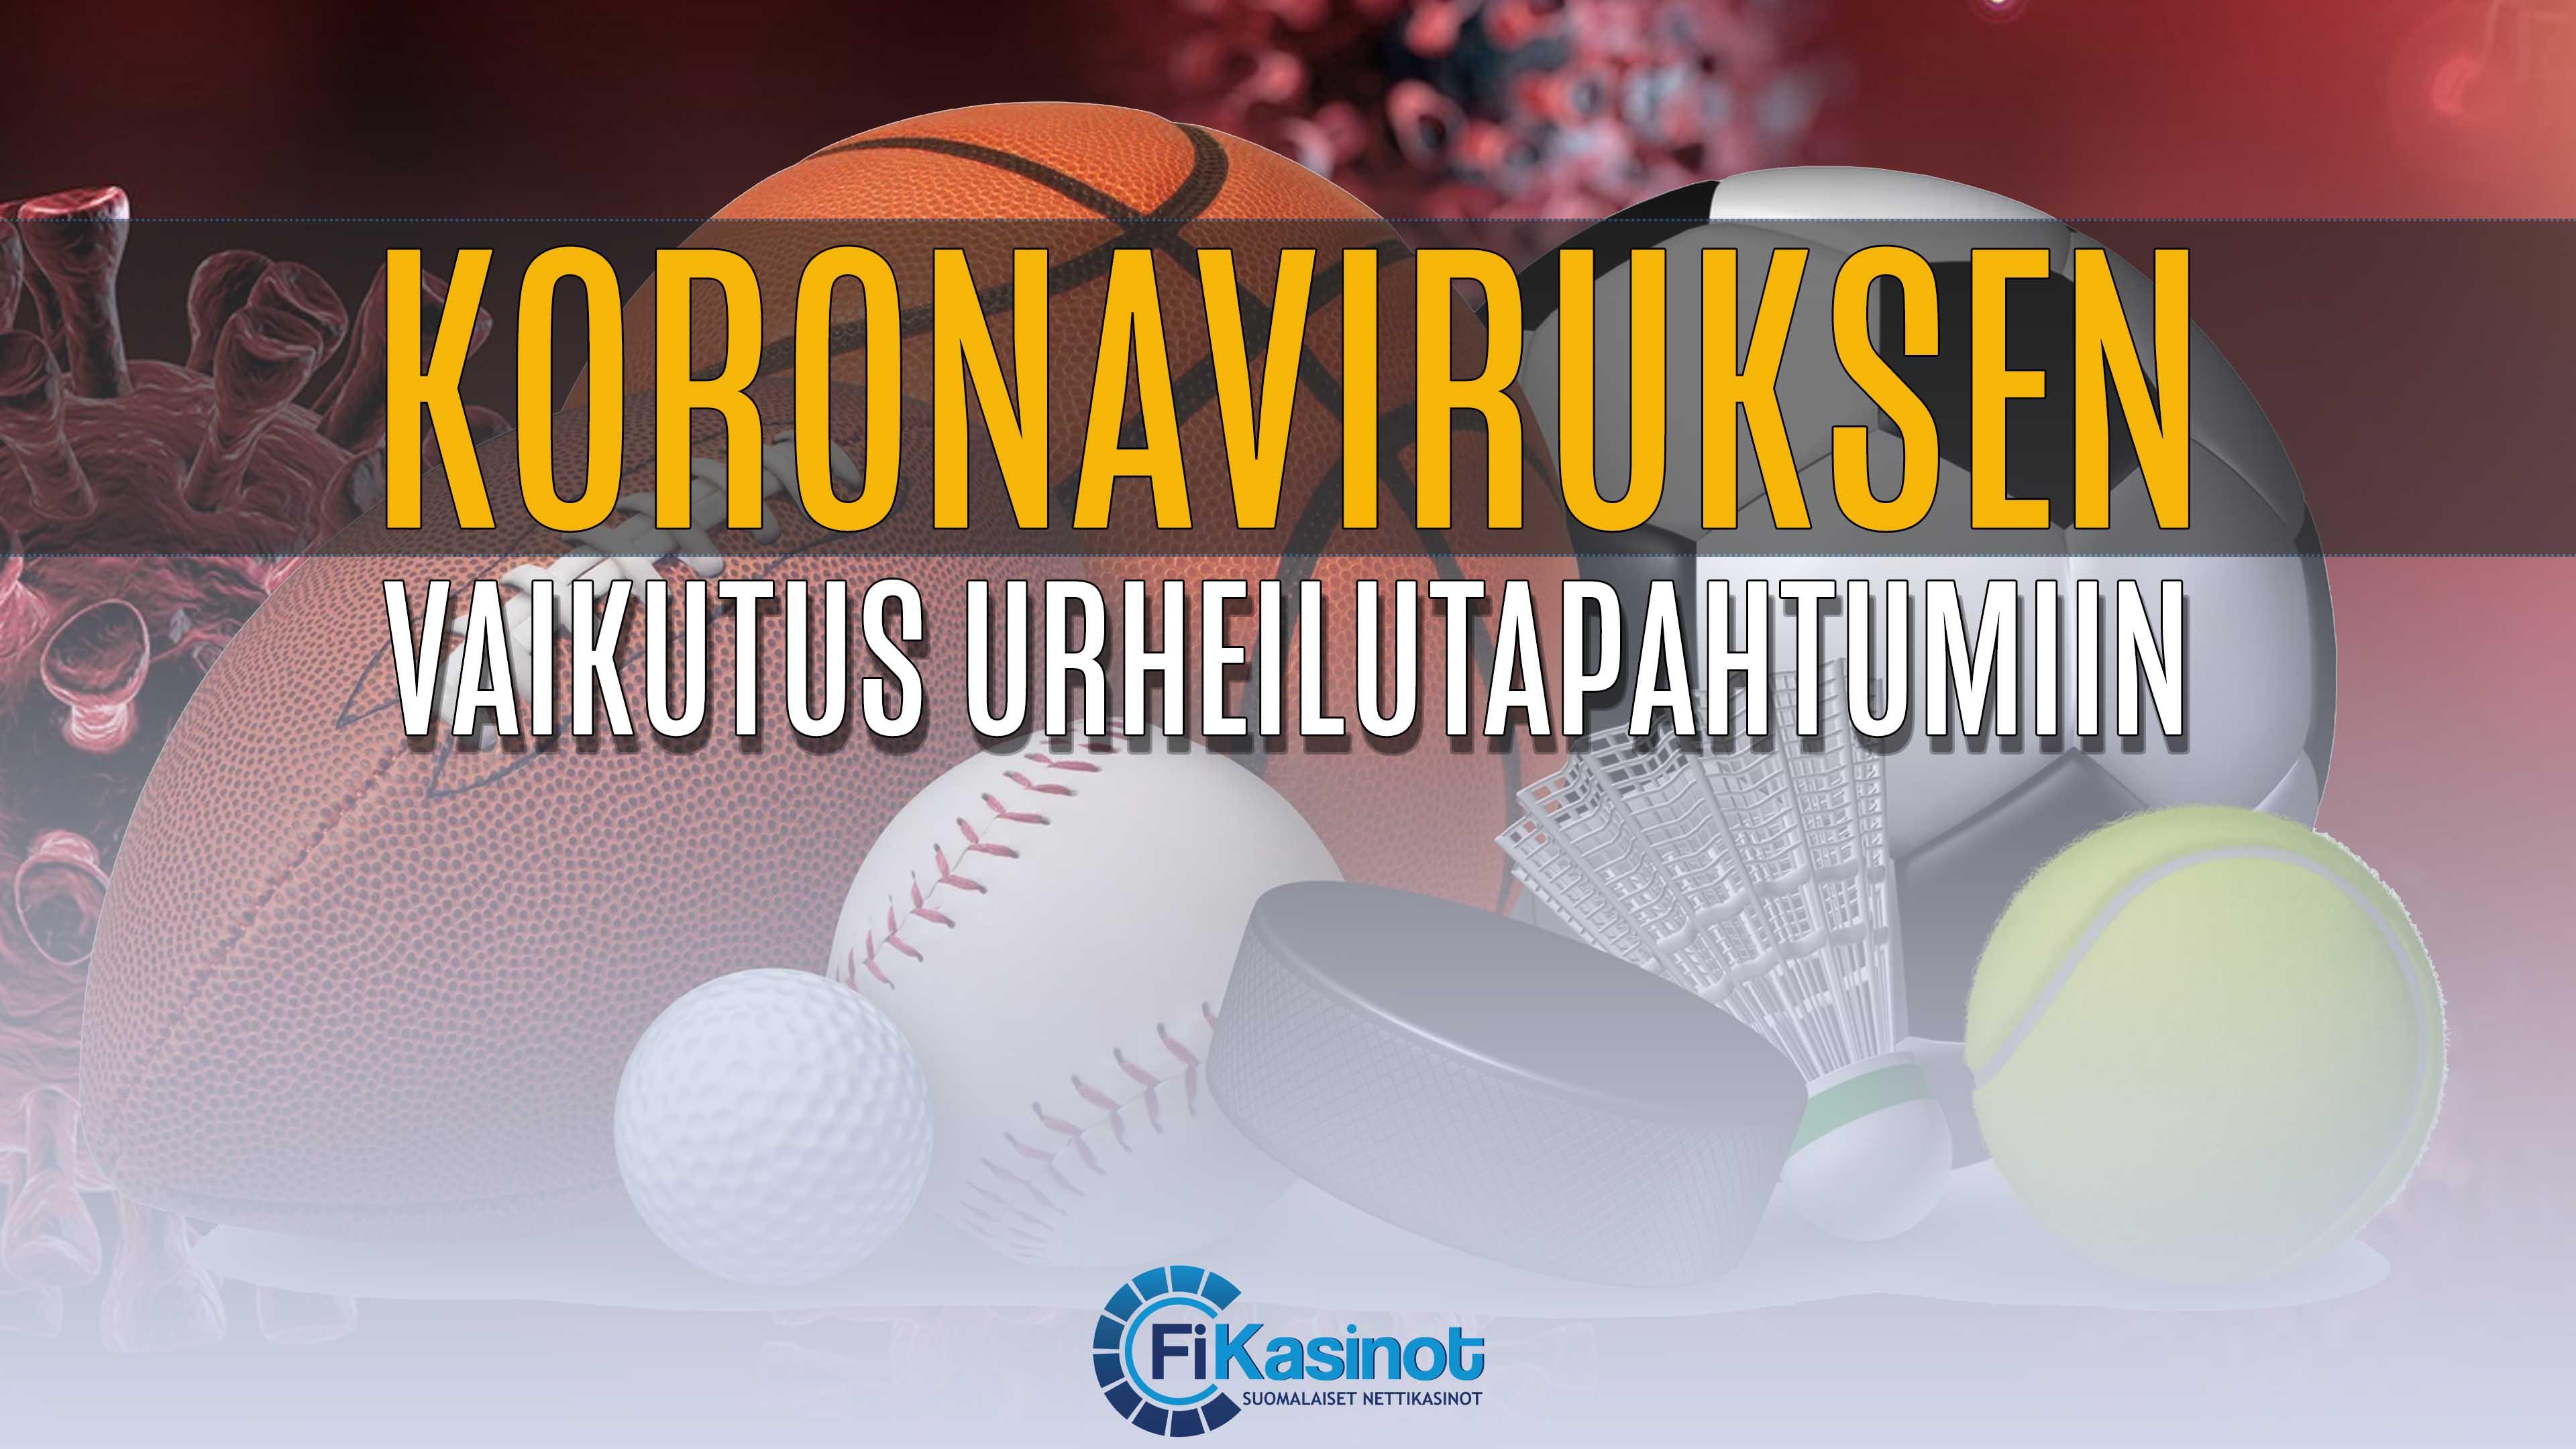 Koronavirus siirtää urheilutapahtumia